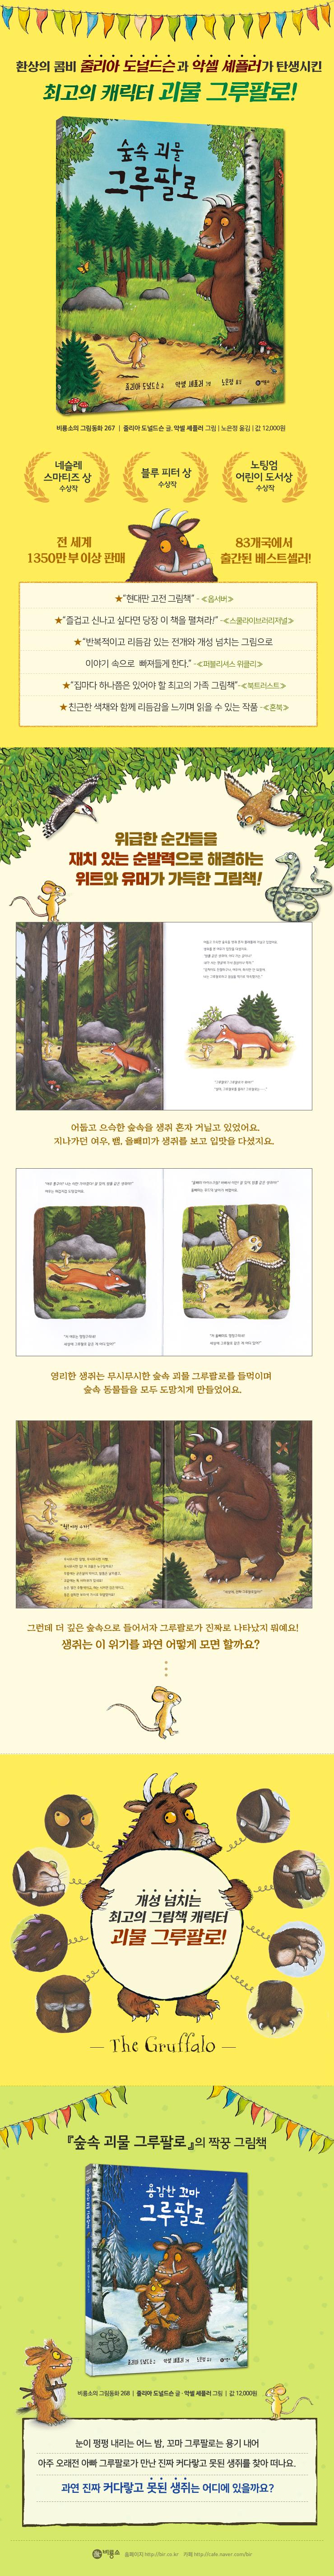 숲속 괴물 그루팔로_수정 (1)